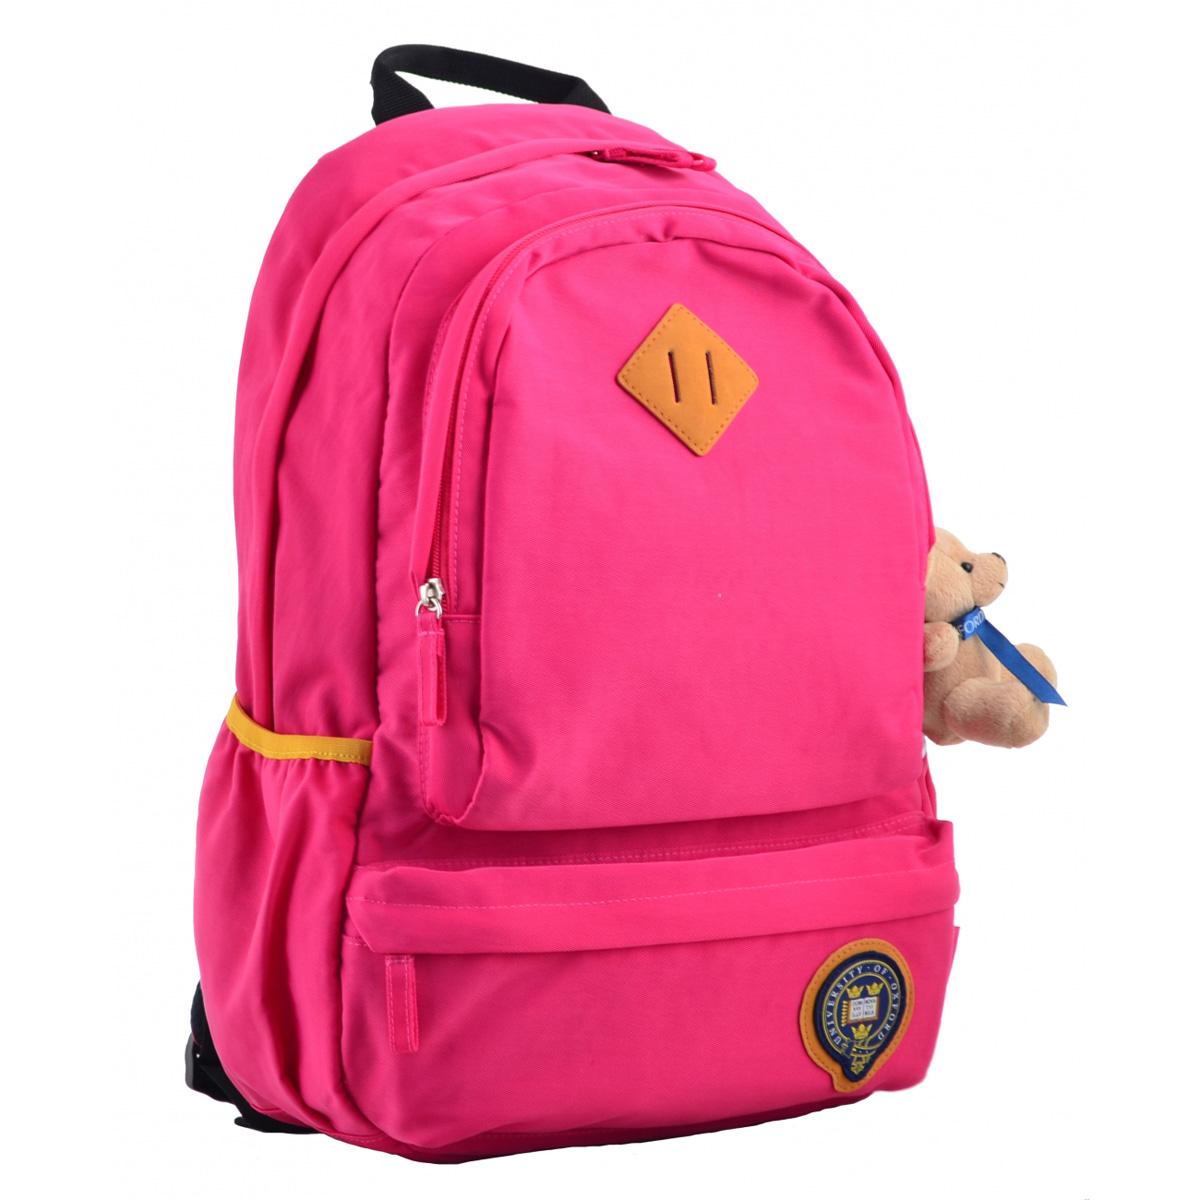 Рюкзак молодежный OX 353, 46*29.5*13.5, розовый